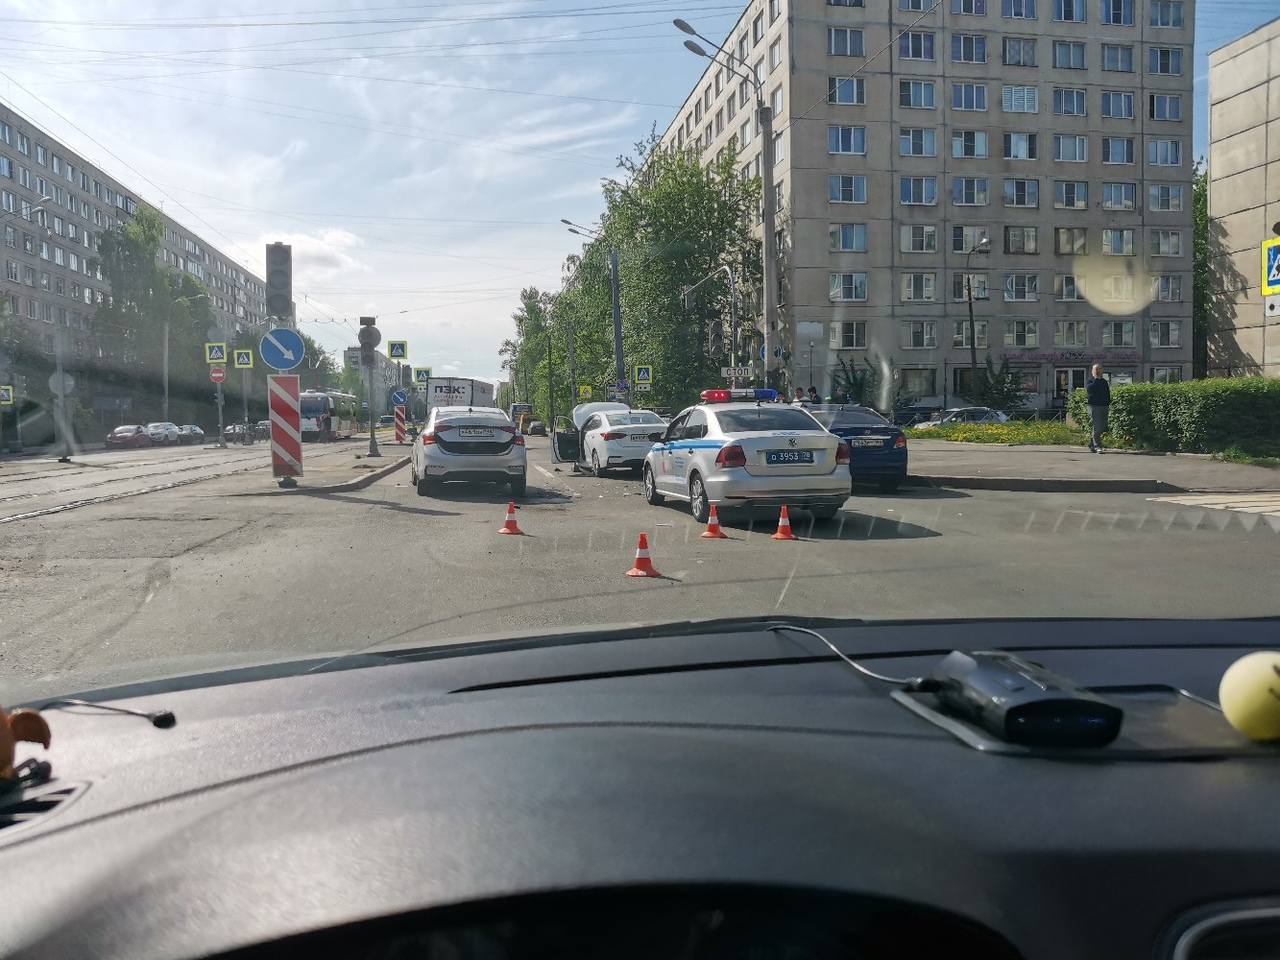 На перекрёстке Купчинской и Пловдивской улиц из - за ДТП перекрыто две полосы. Объезд по Купчинской...